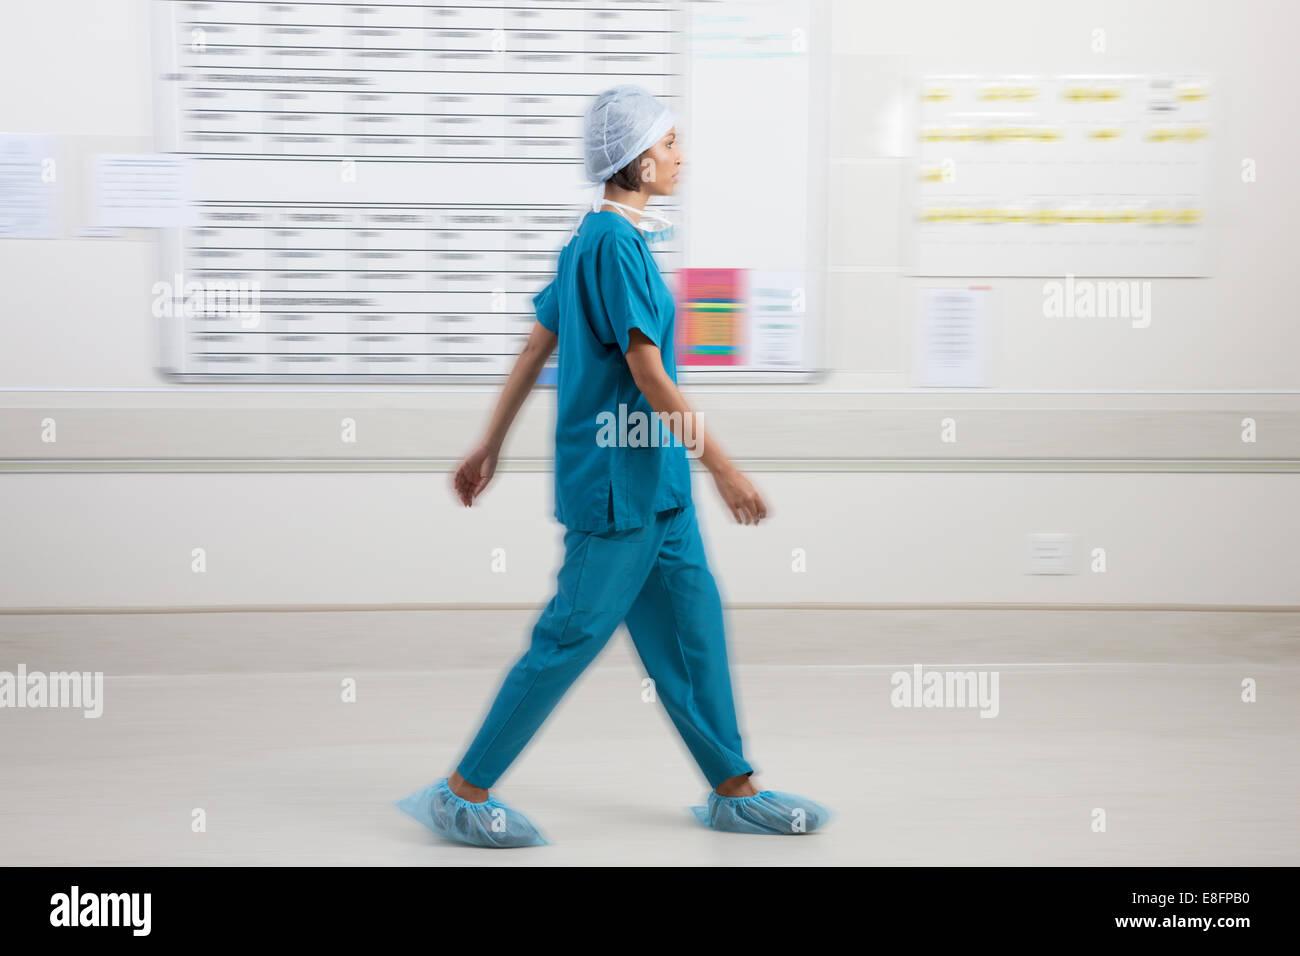 Chirurgien en passant devant l'annexe de l'hôpital en conseil Photo Stock